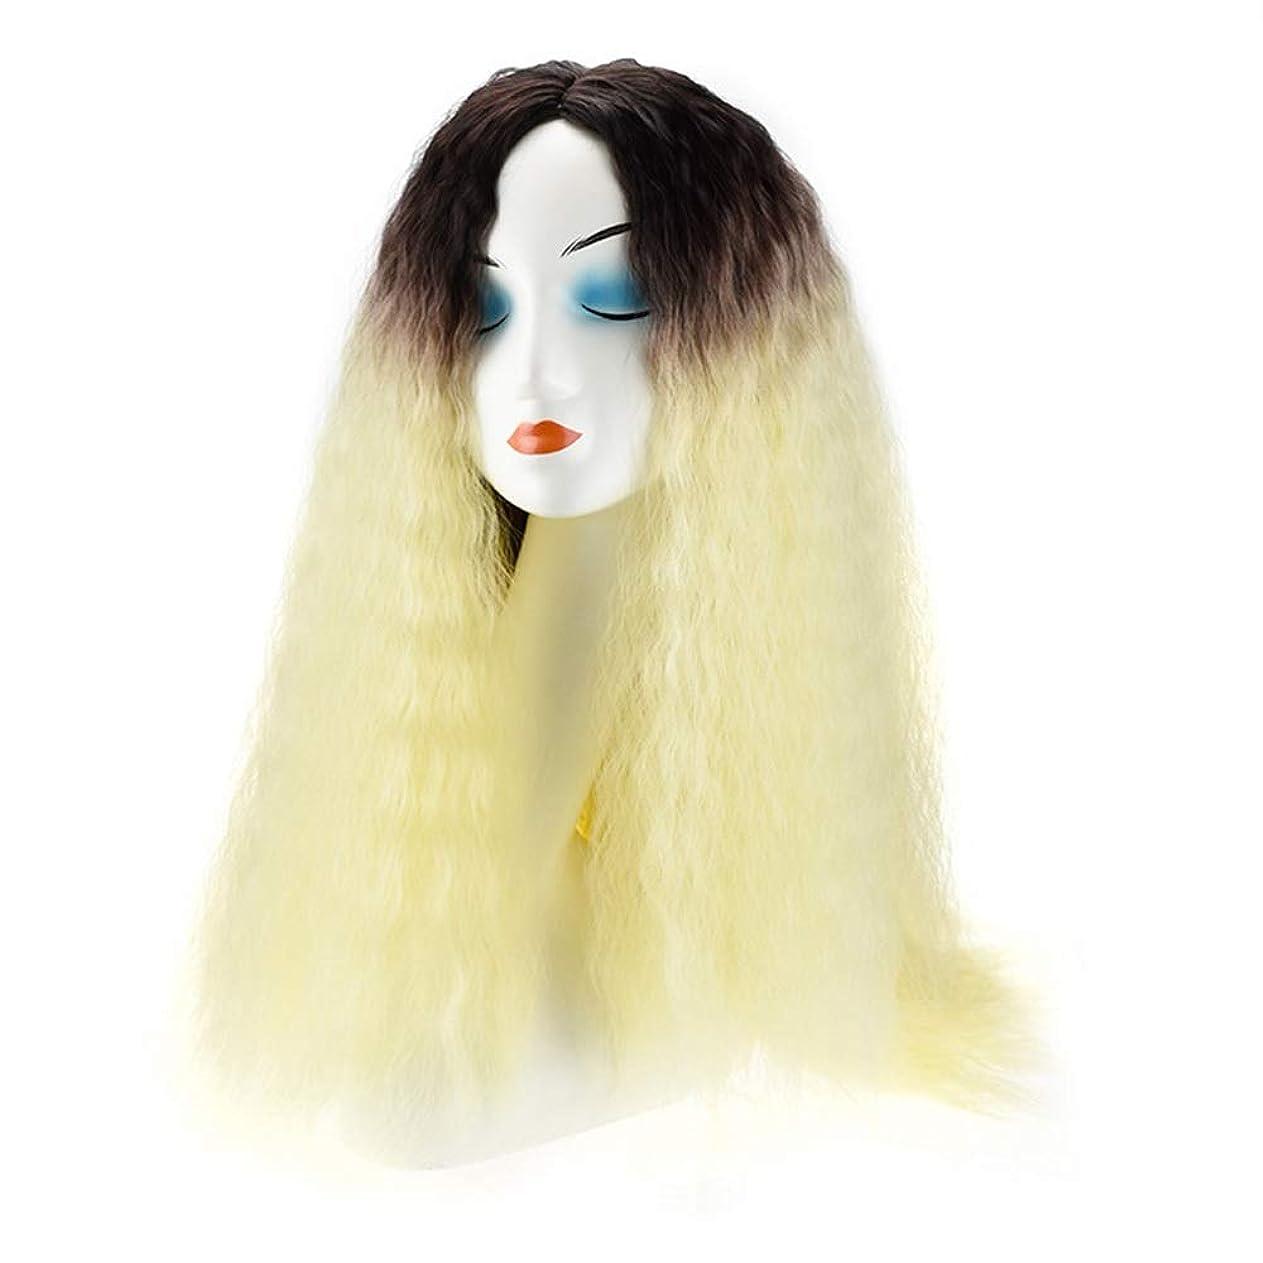 アーク初期旋回HOHYLLYA 20インチブロンド変態ストレートコーンホットウィッグファッションビッグウェーブロングヘア人工毛用女性毎日のドレスパーティーかつら (色 : Blonde)